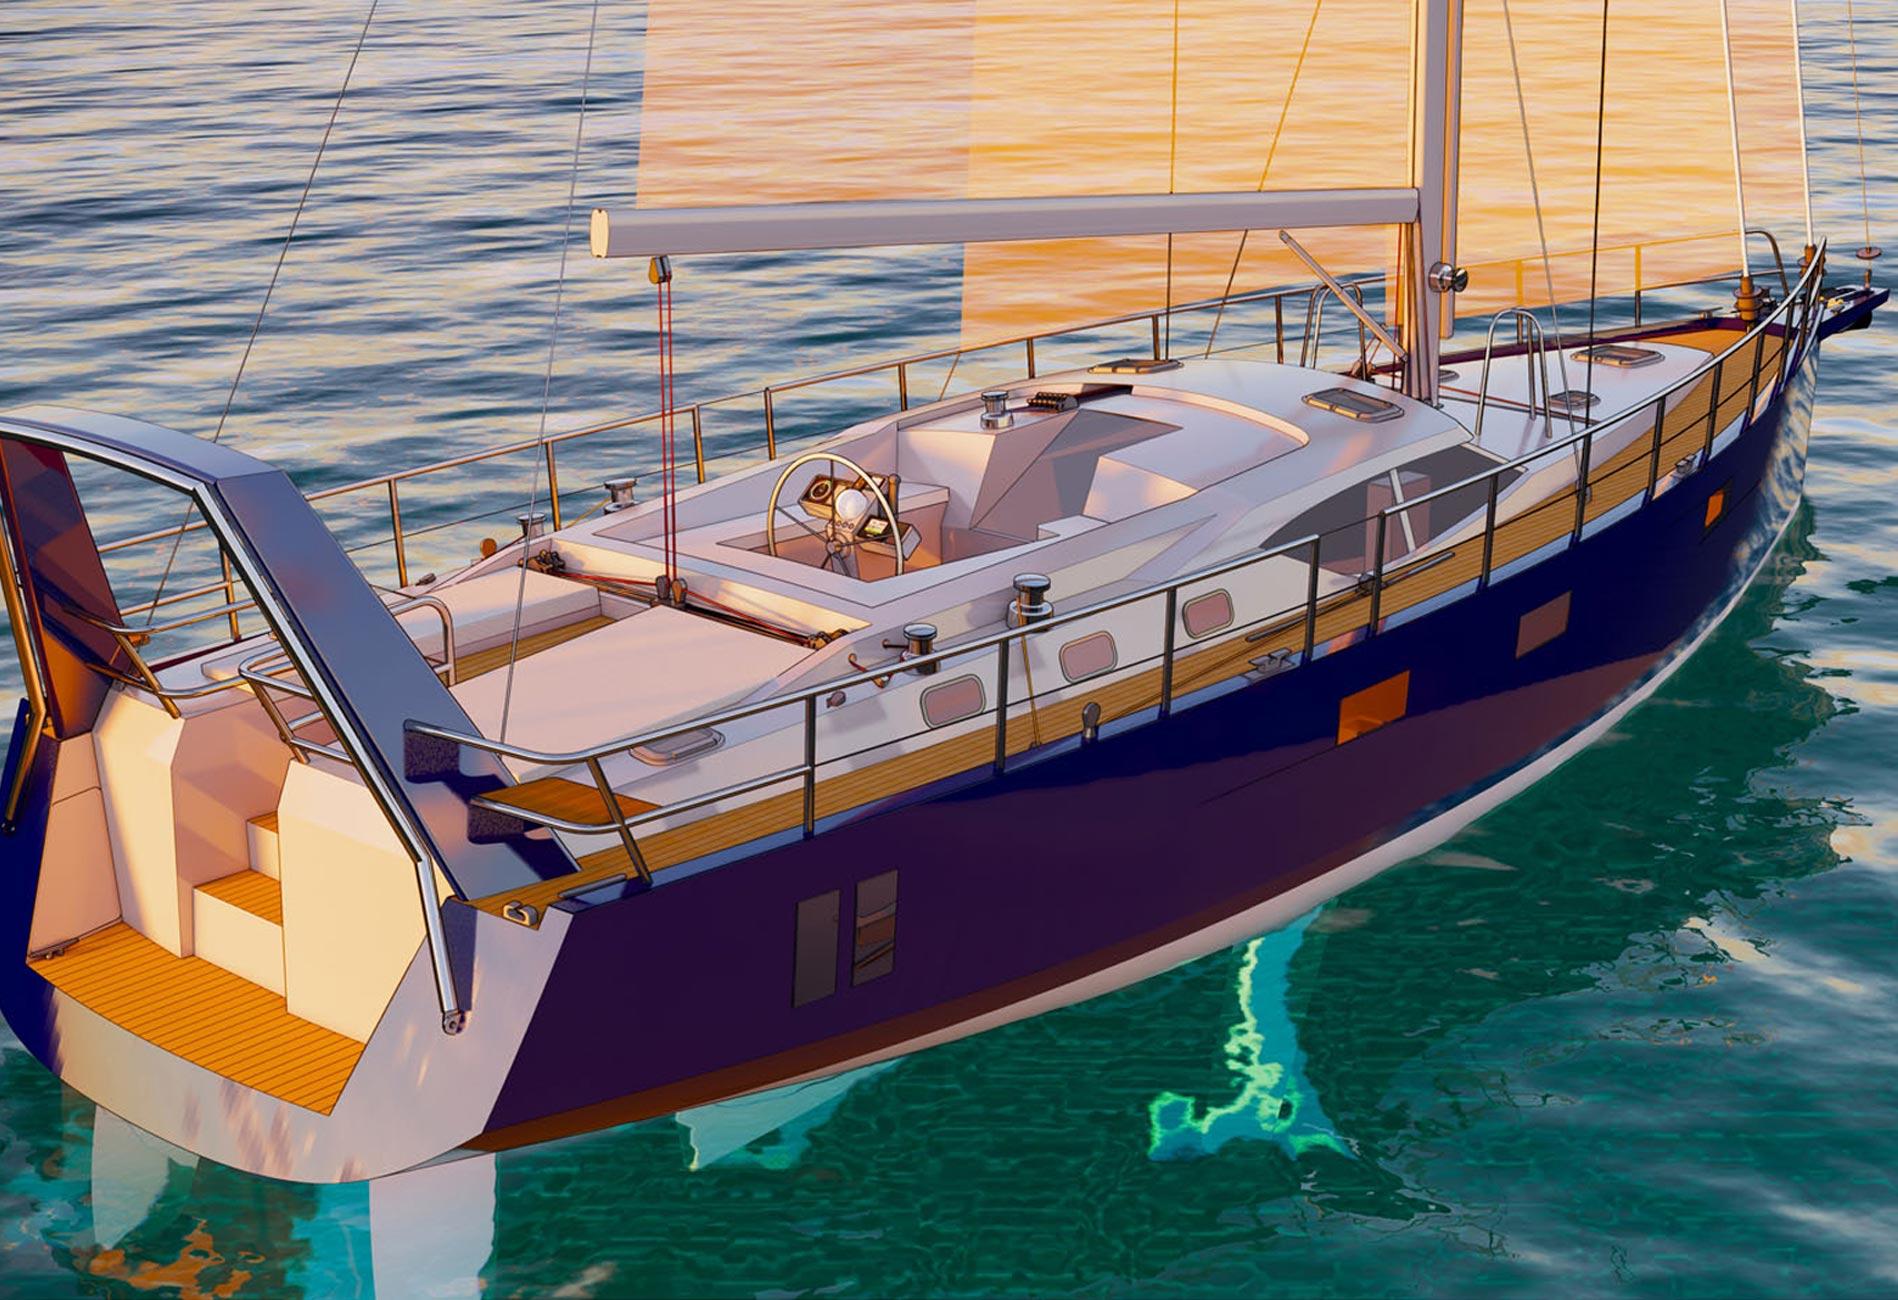 Opalia51-Voilier-sur-mesure-Vincent-Lebailly-Architecture-navale-actualité nautique